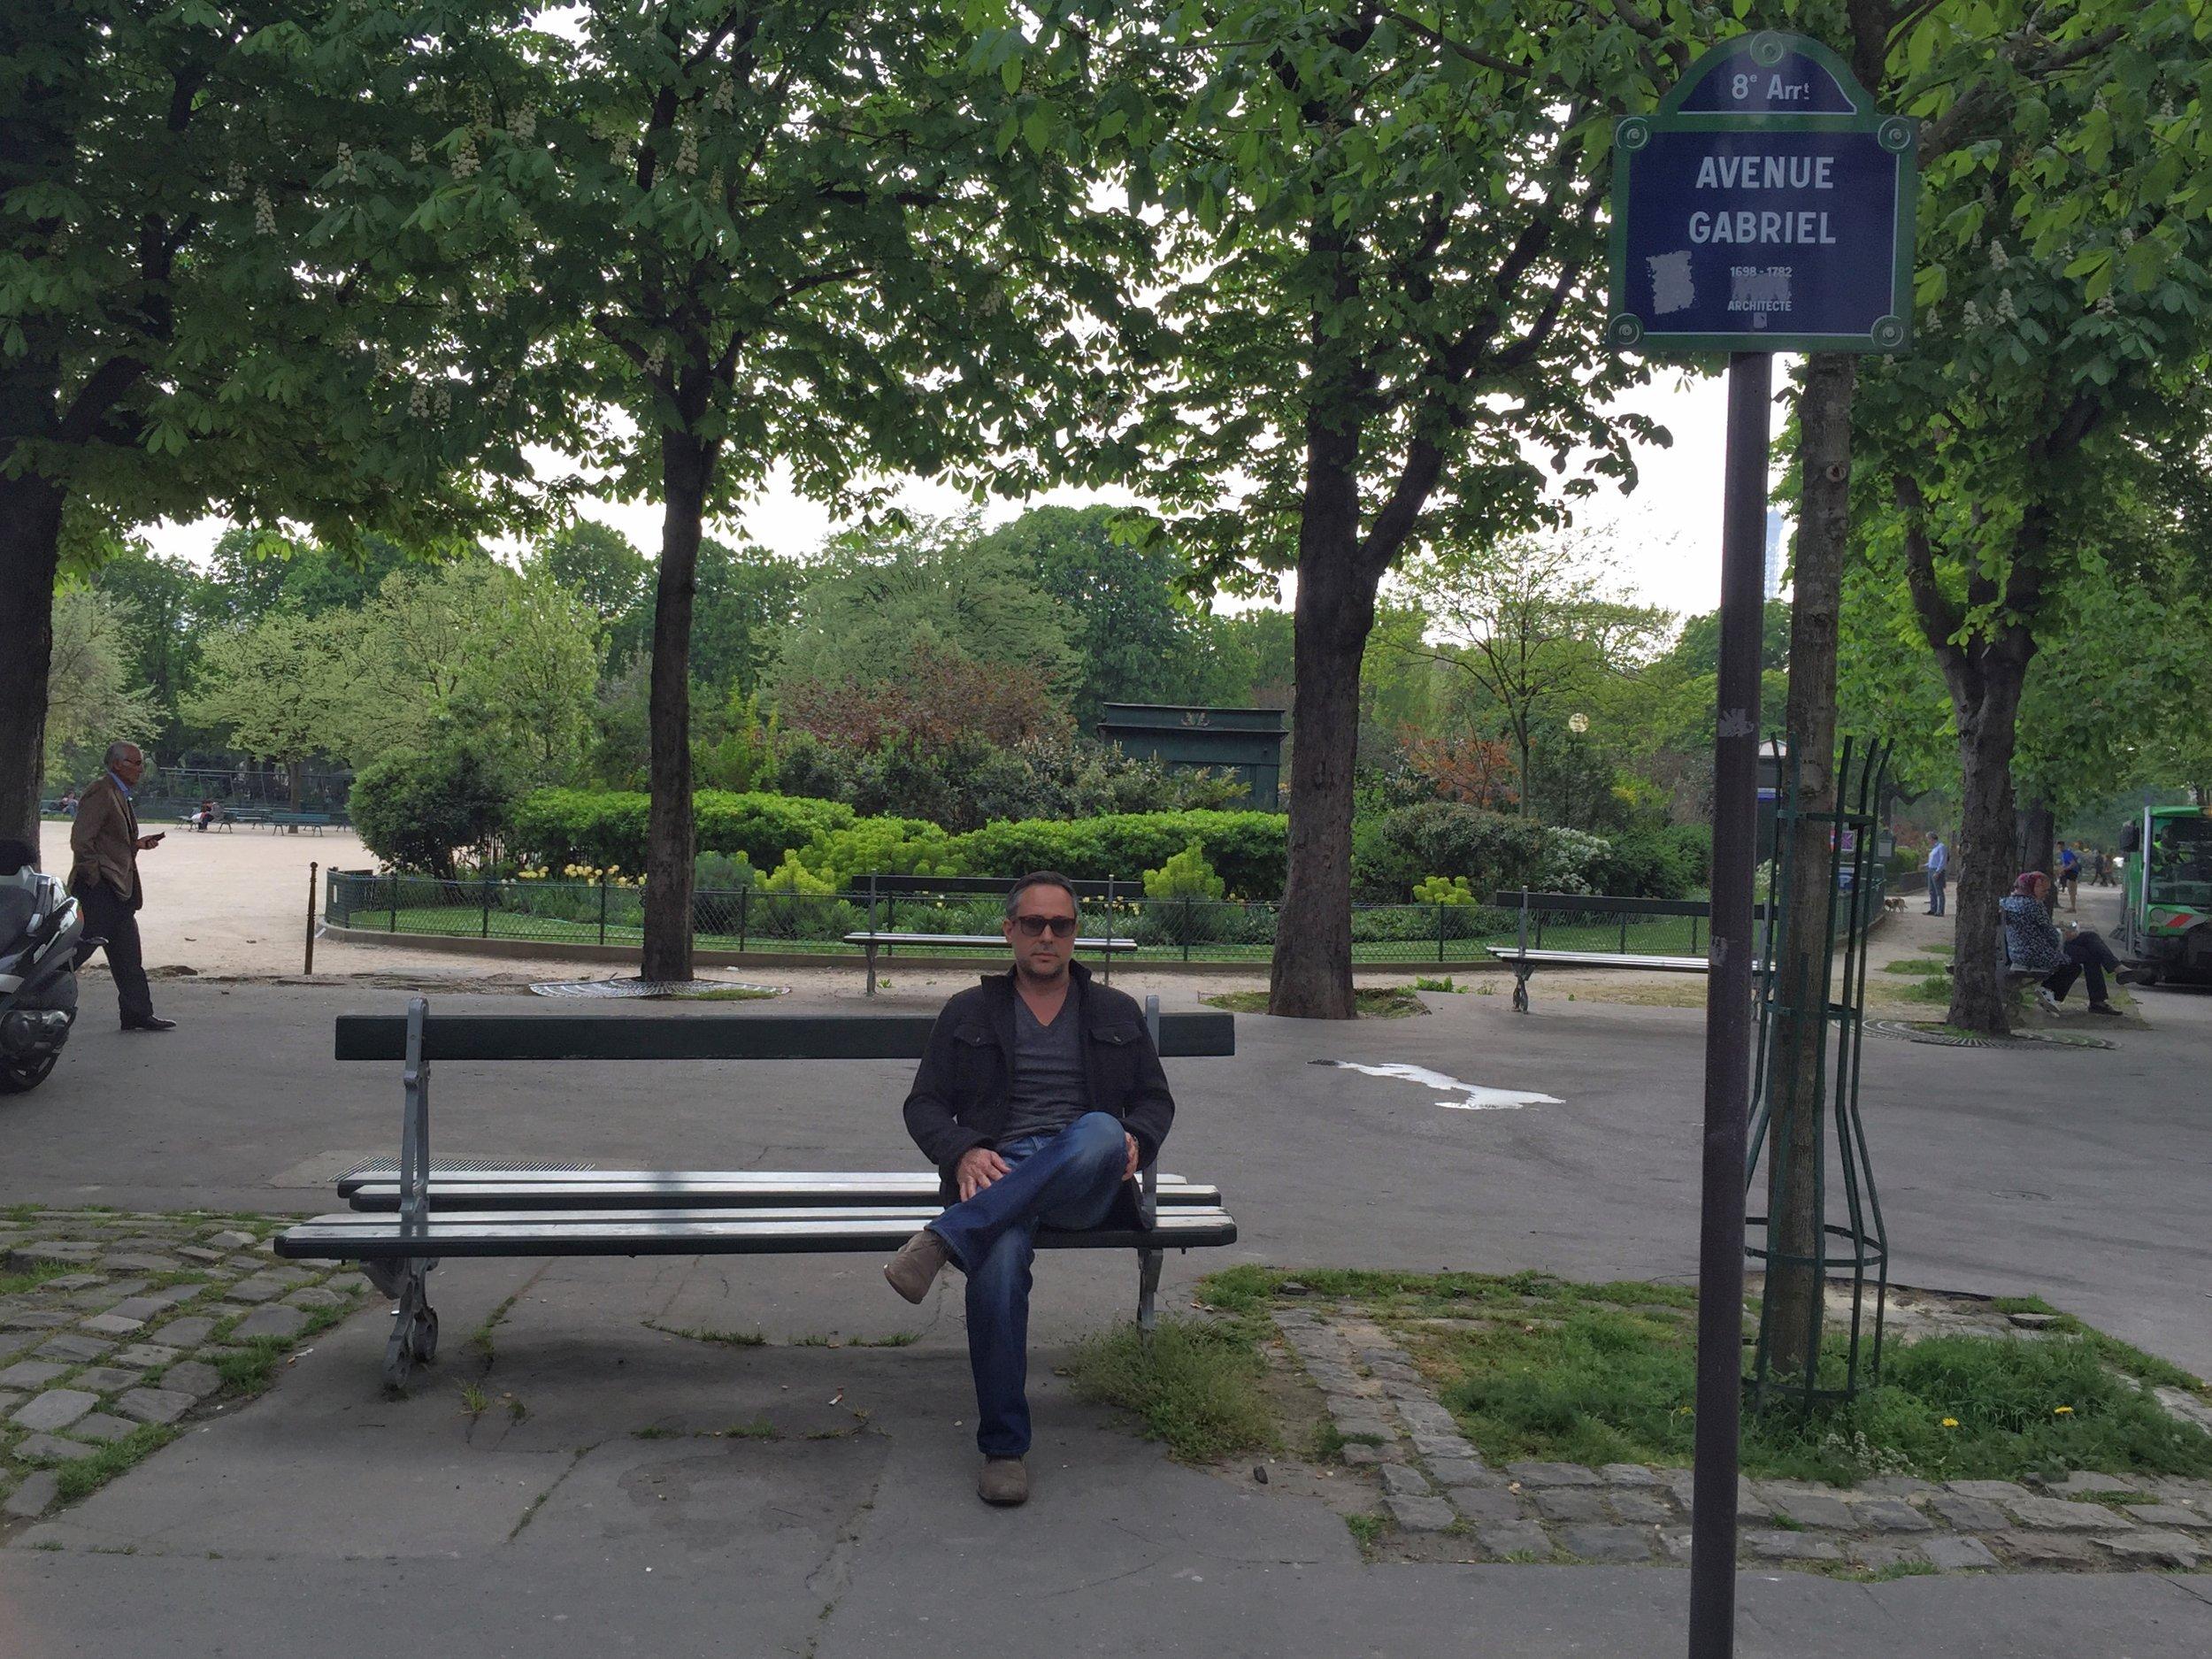 Public Park in Paris, France - 2015